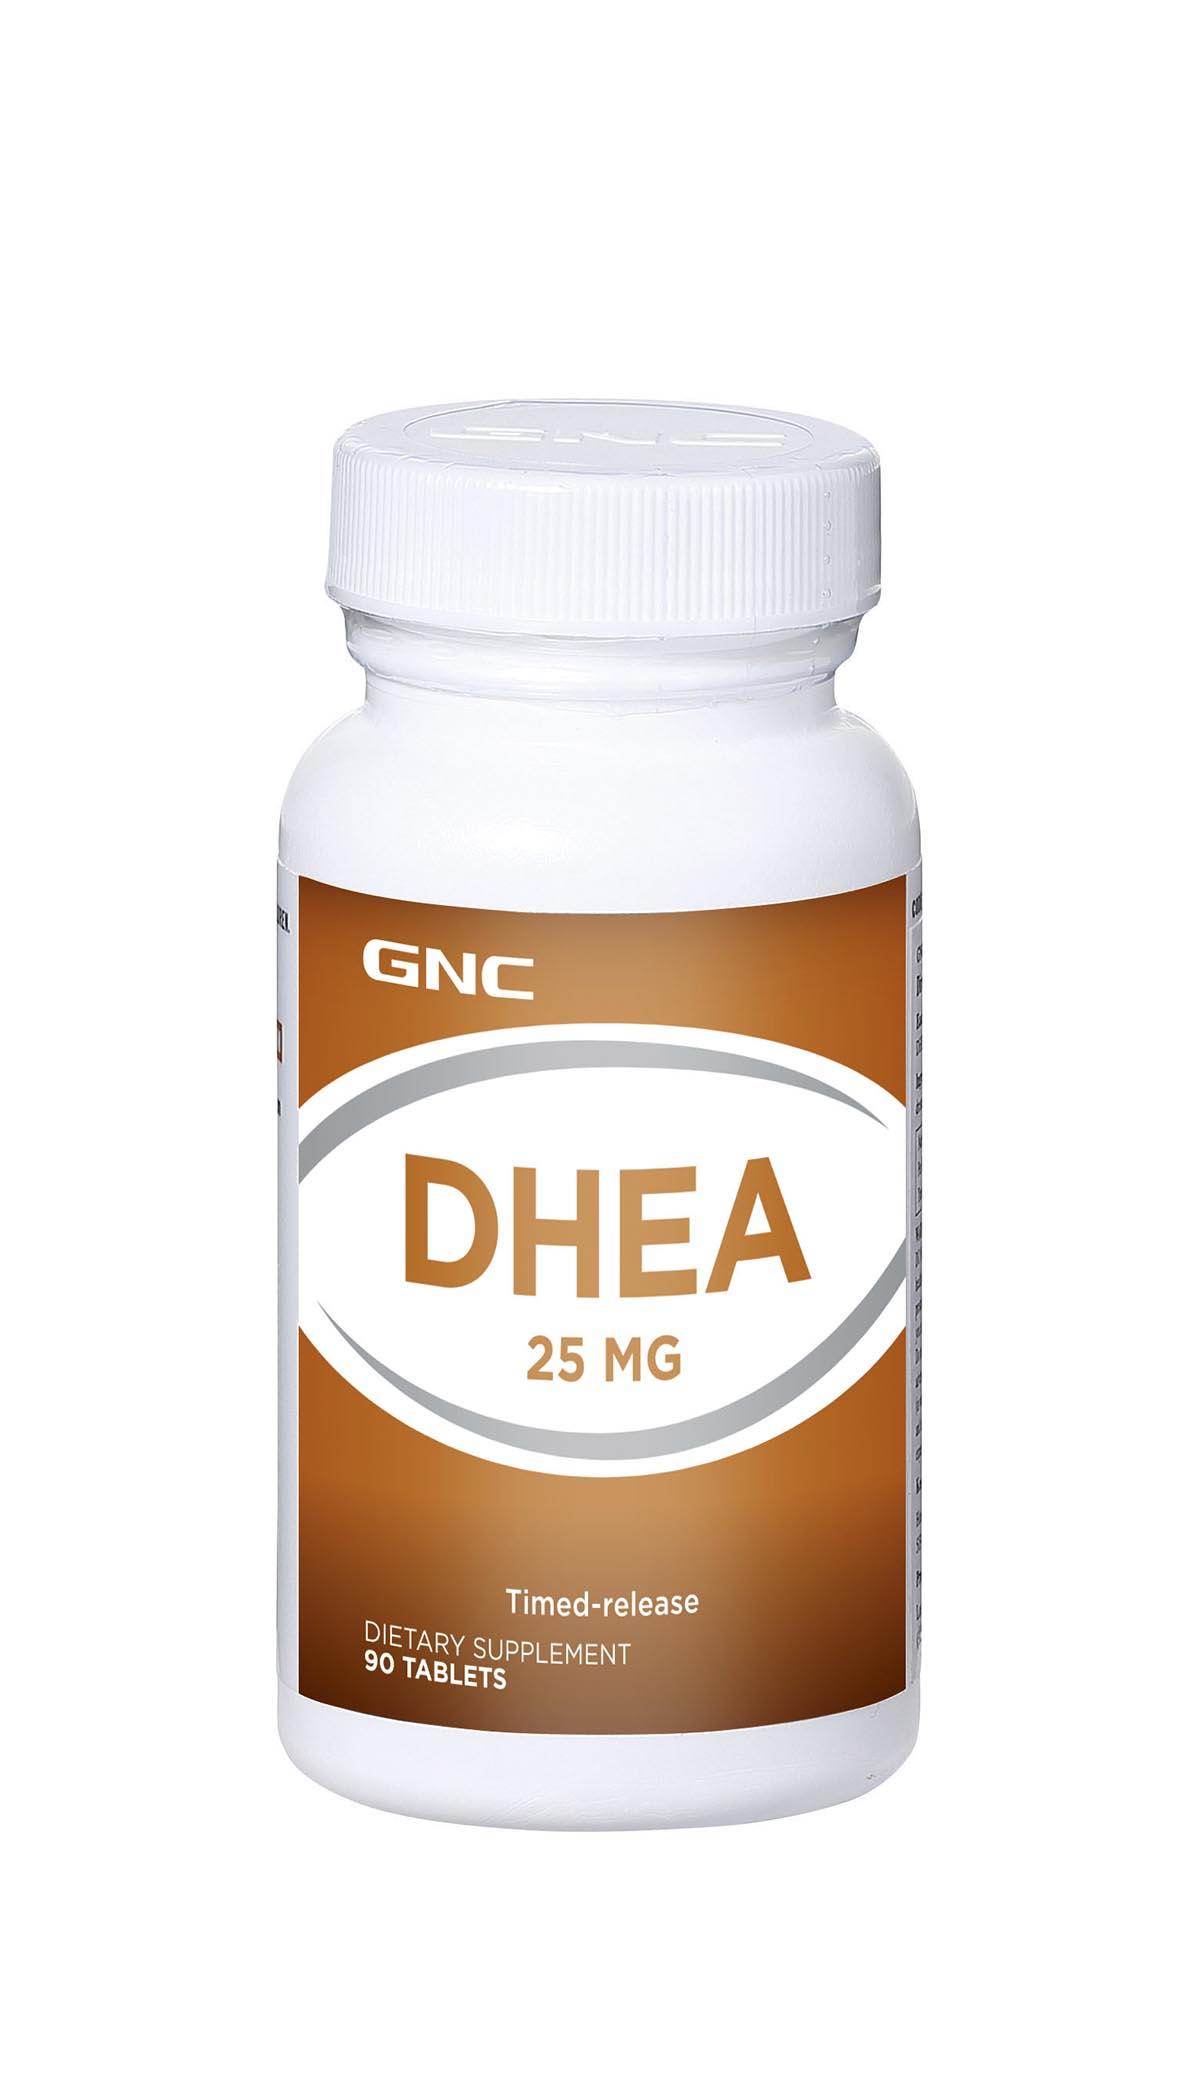 活力 DHEA(長效配方)